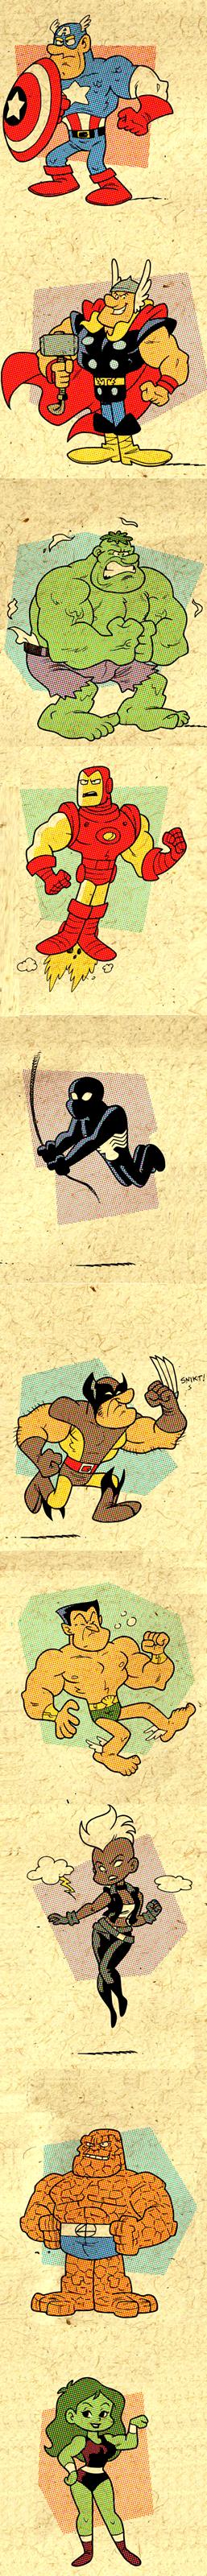 heroes marvel redesign cartoons - 7872686336